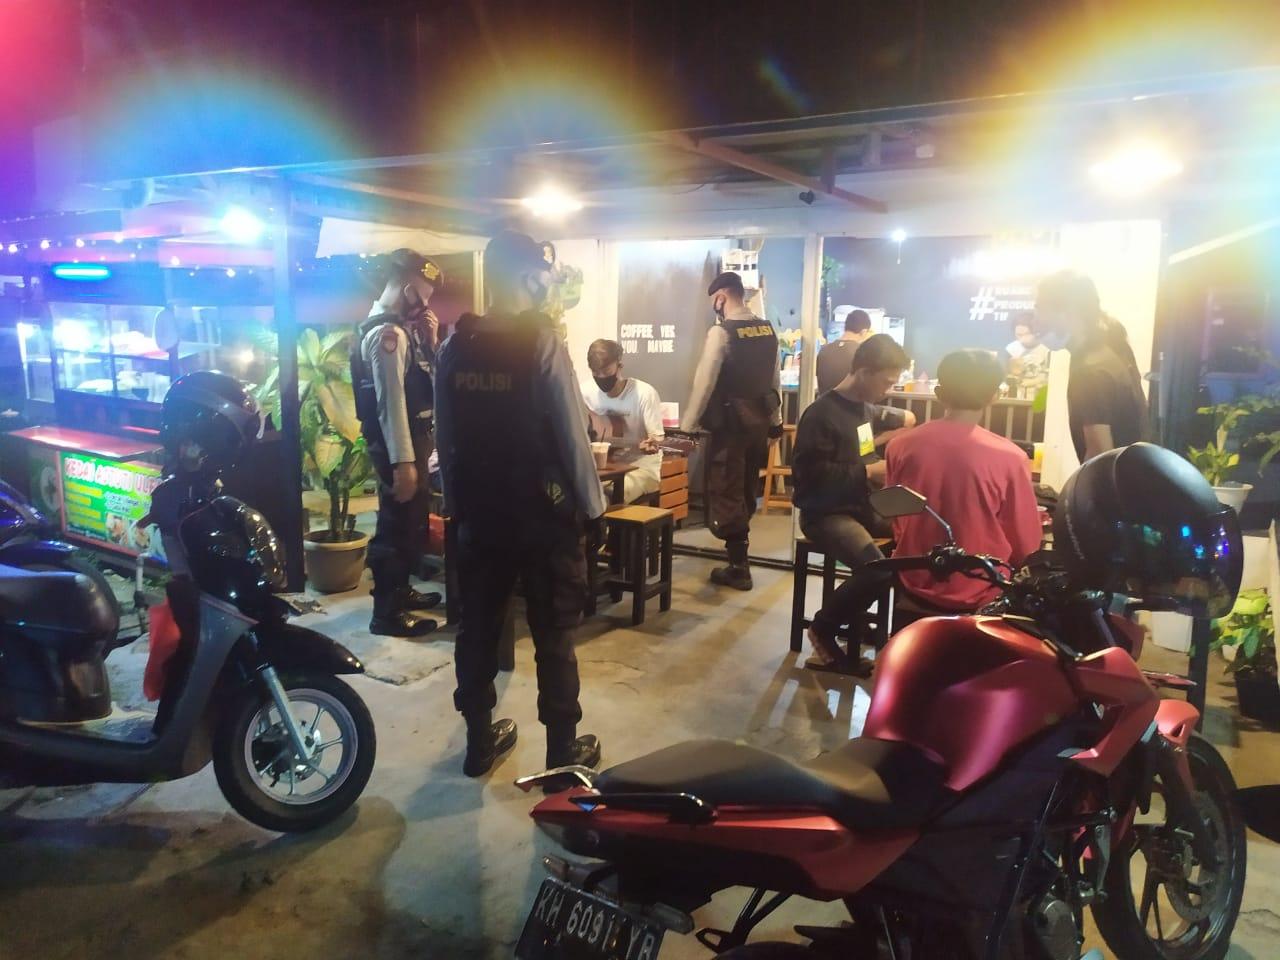 PATROLI MALAM SAMBANGI PEMUDA NONGKRONG BERIKAN HIMBAUAN KAMTIBMAS 1